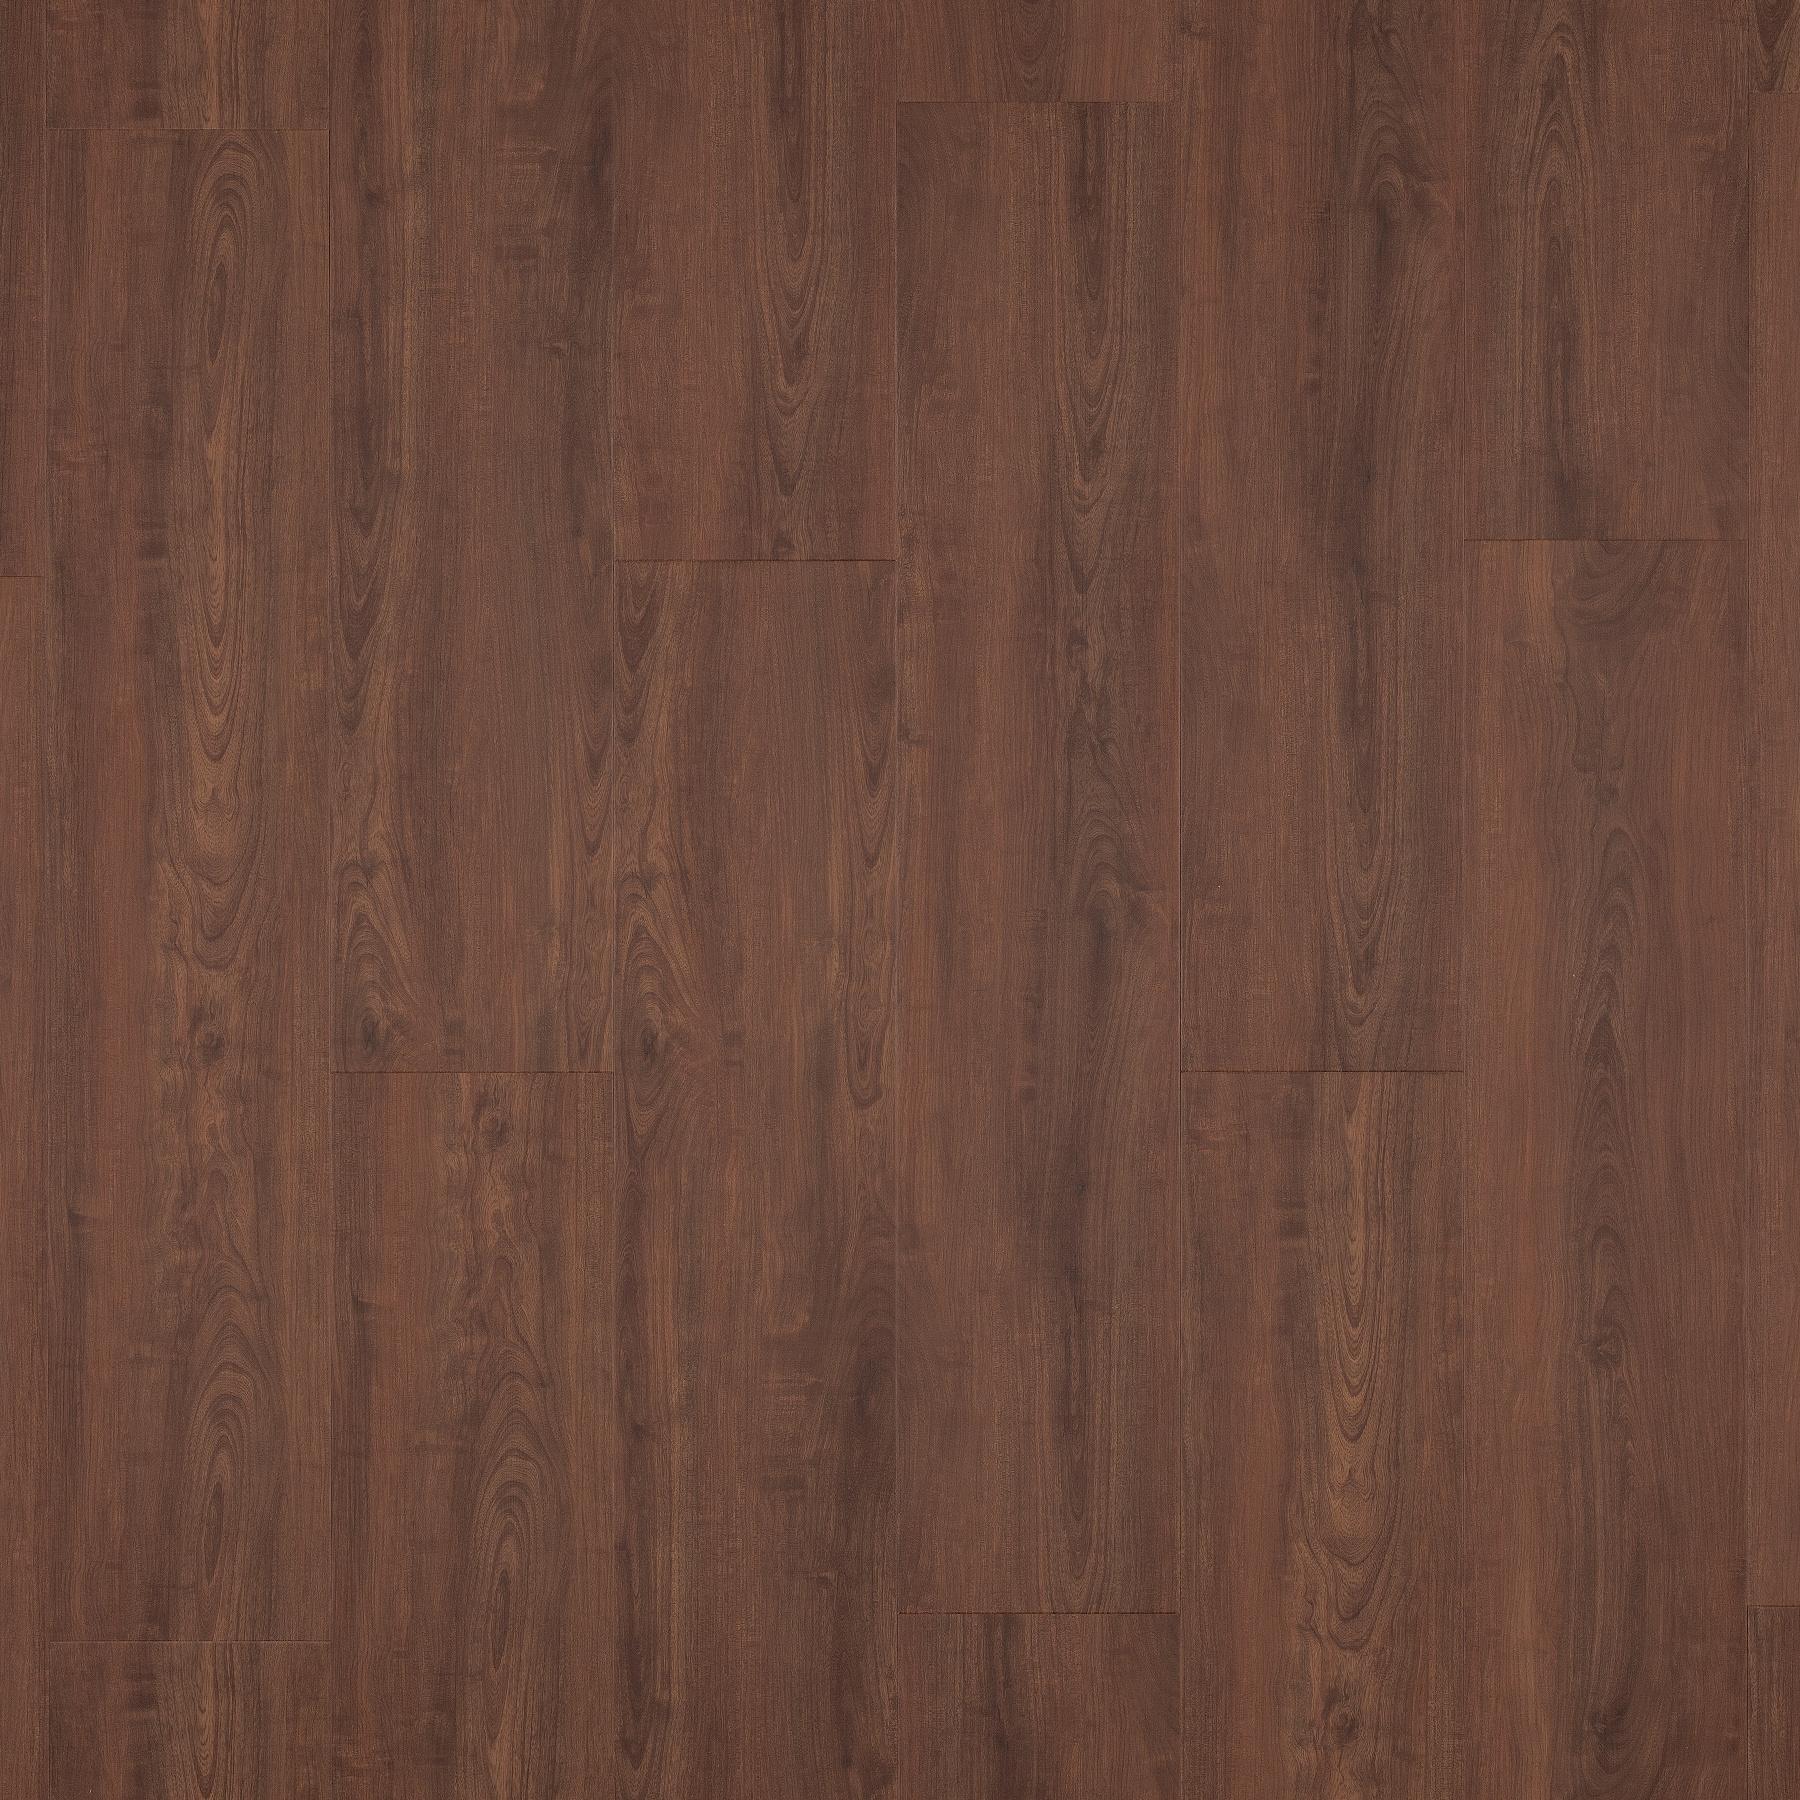 design floor lvt red teak j 5504 055 jab anstoetz flooring. Black Bedroom Furniture Sets. Home Design Ideas